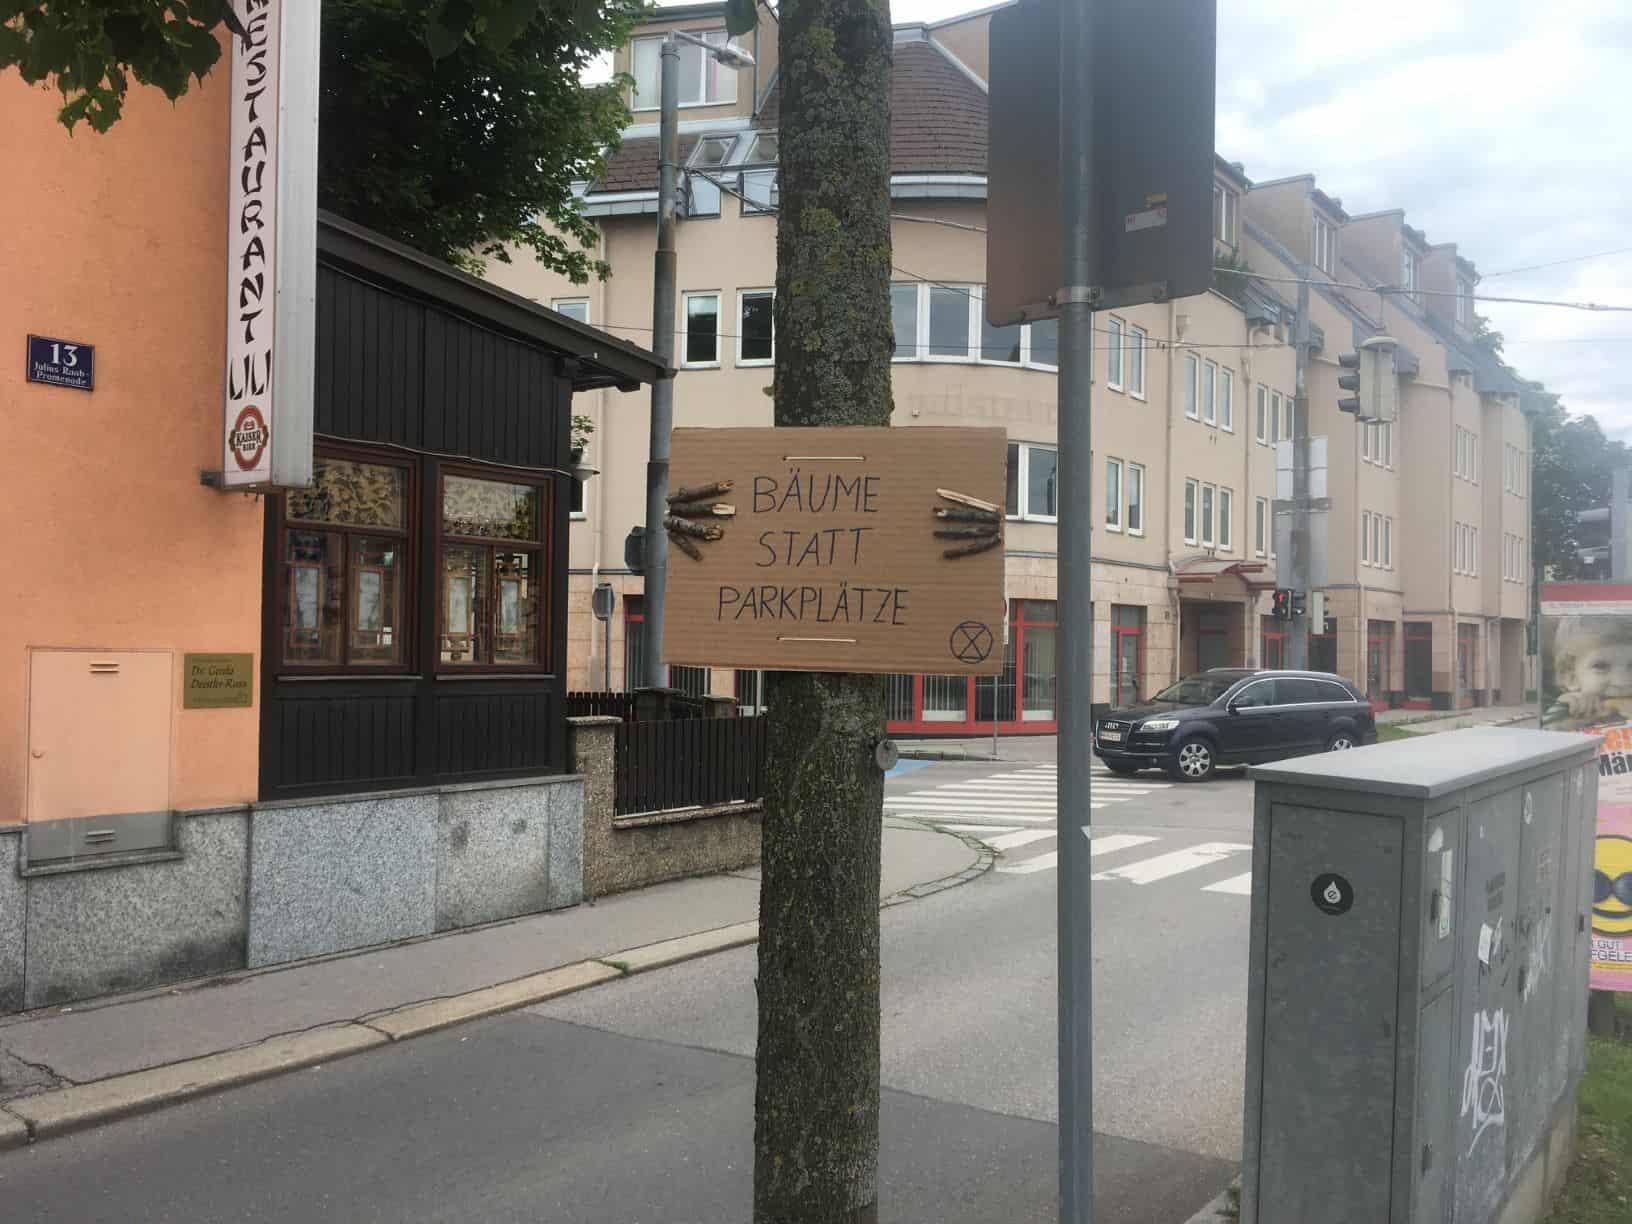 Ein Baum hält ein Schild und demonstriert für Bäume anstatt Parkplätzen (Aktion #aufbäumen)